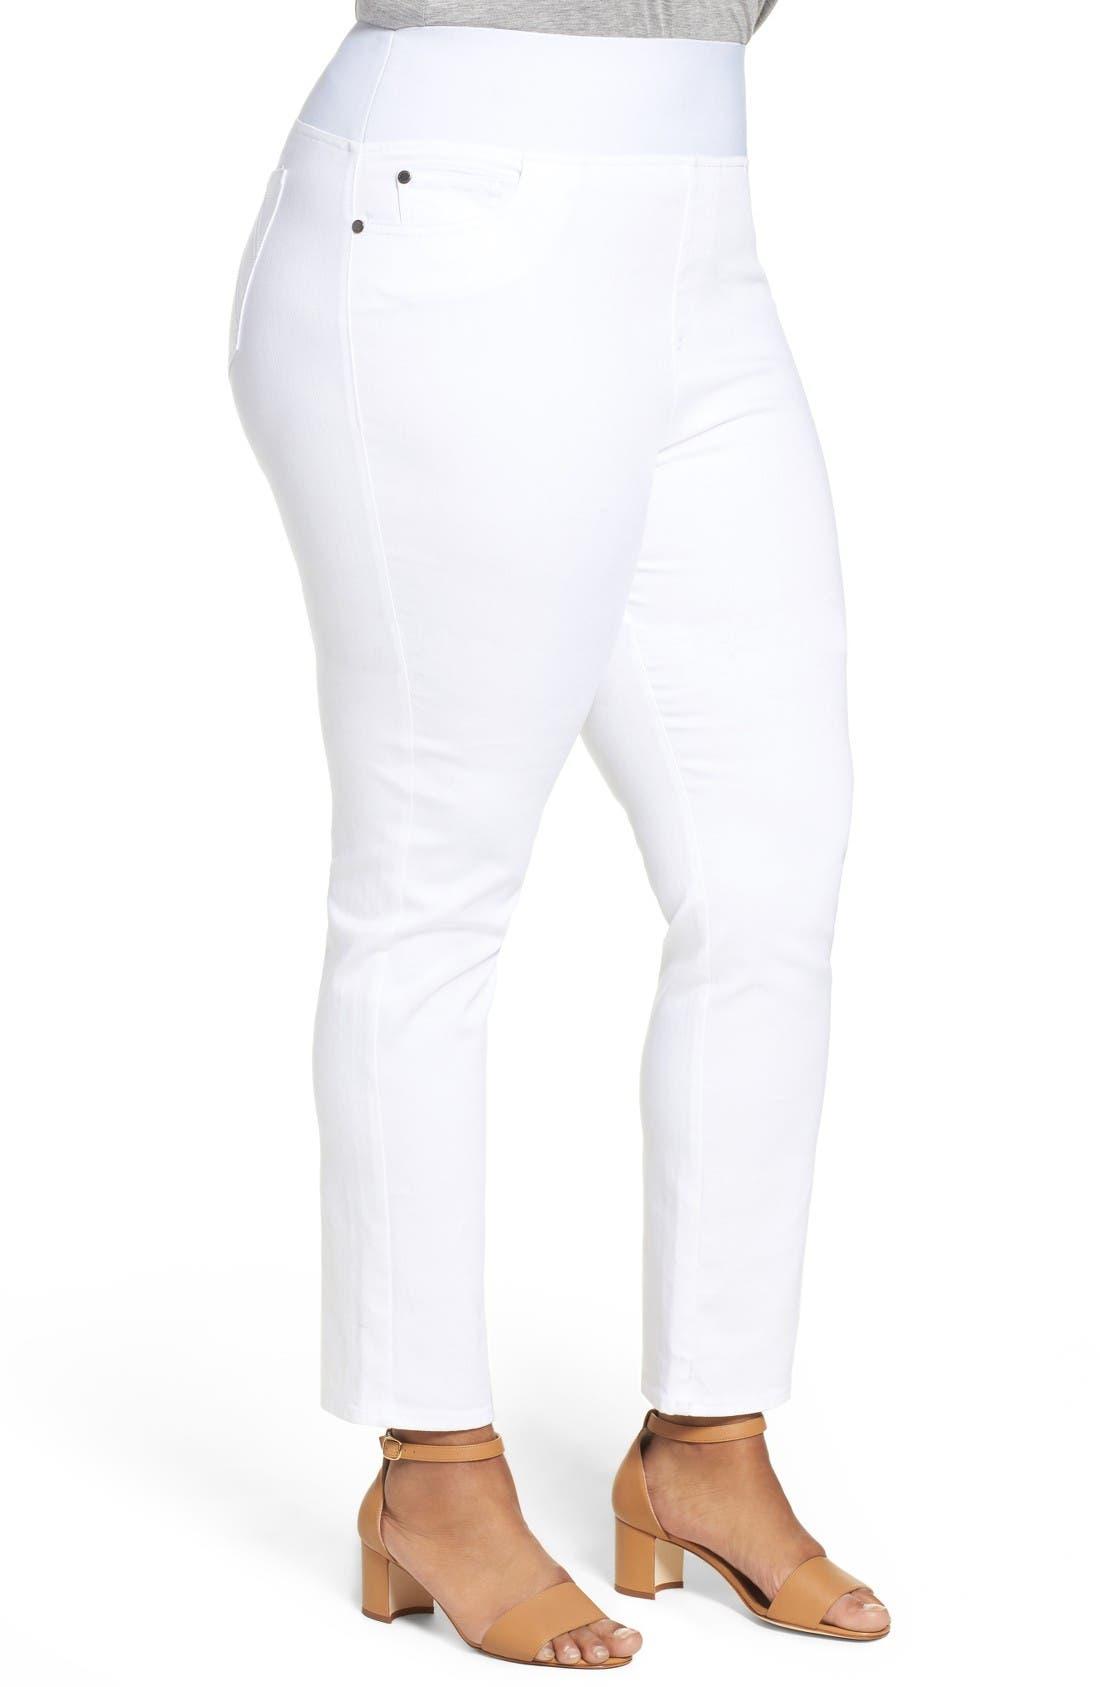 Nina Slimming Pull-On Legging Jeans,                             Alternate thumbnail 3, color,                             White